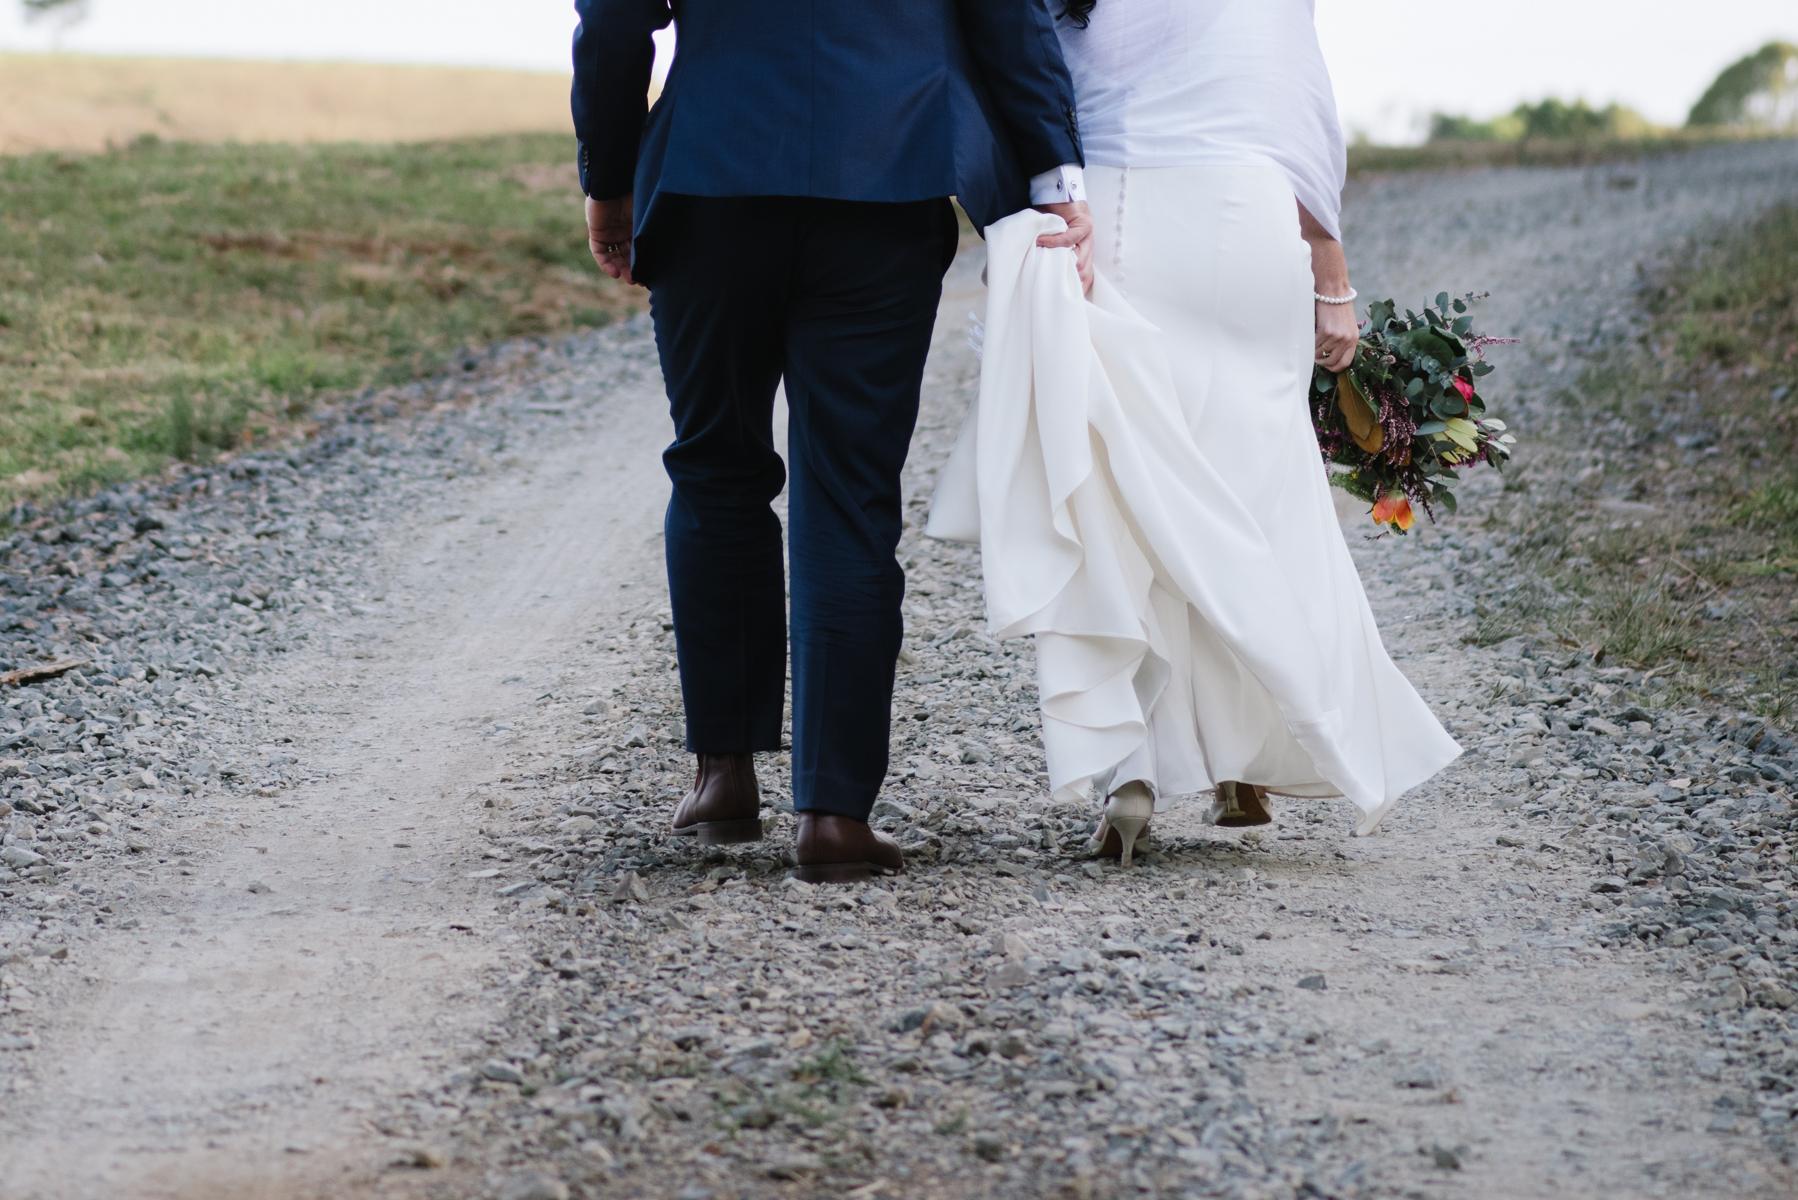 sarahandBenwedding- skyla sage photography weddings, families, byron bay,tweed coast,kingscliff,cabarita,gold coast-652.jpg